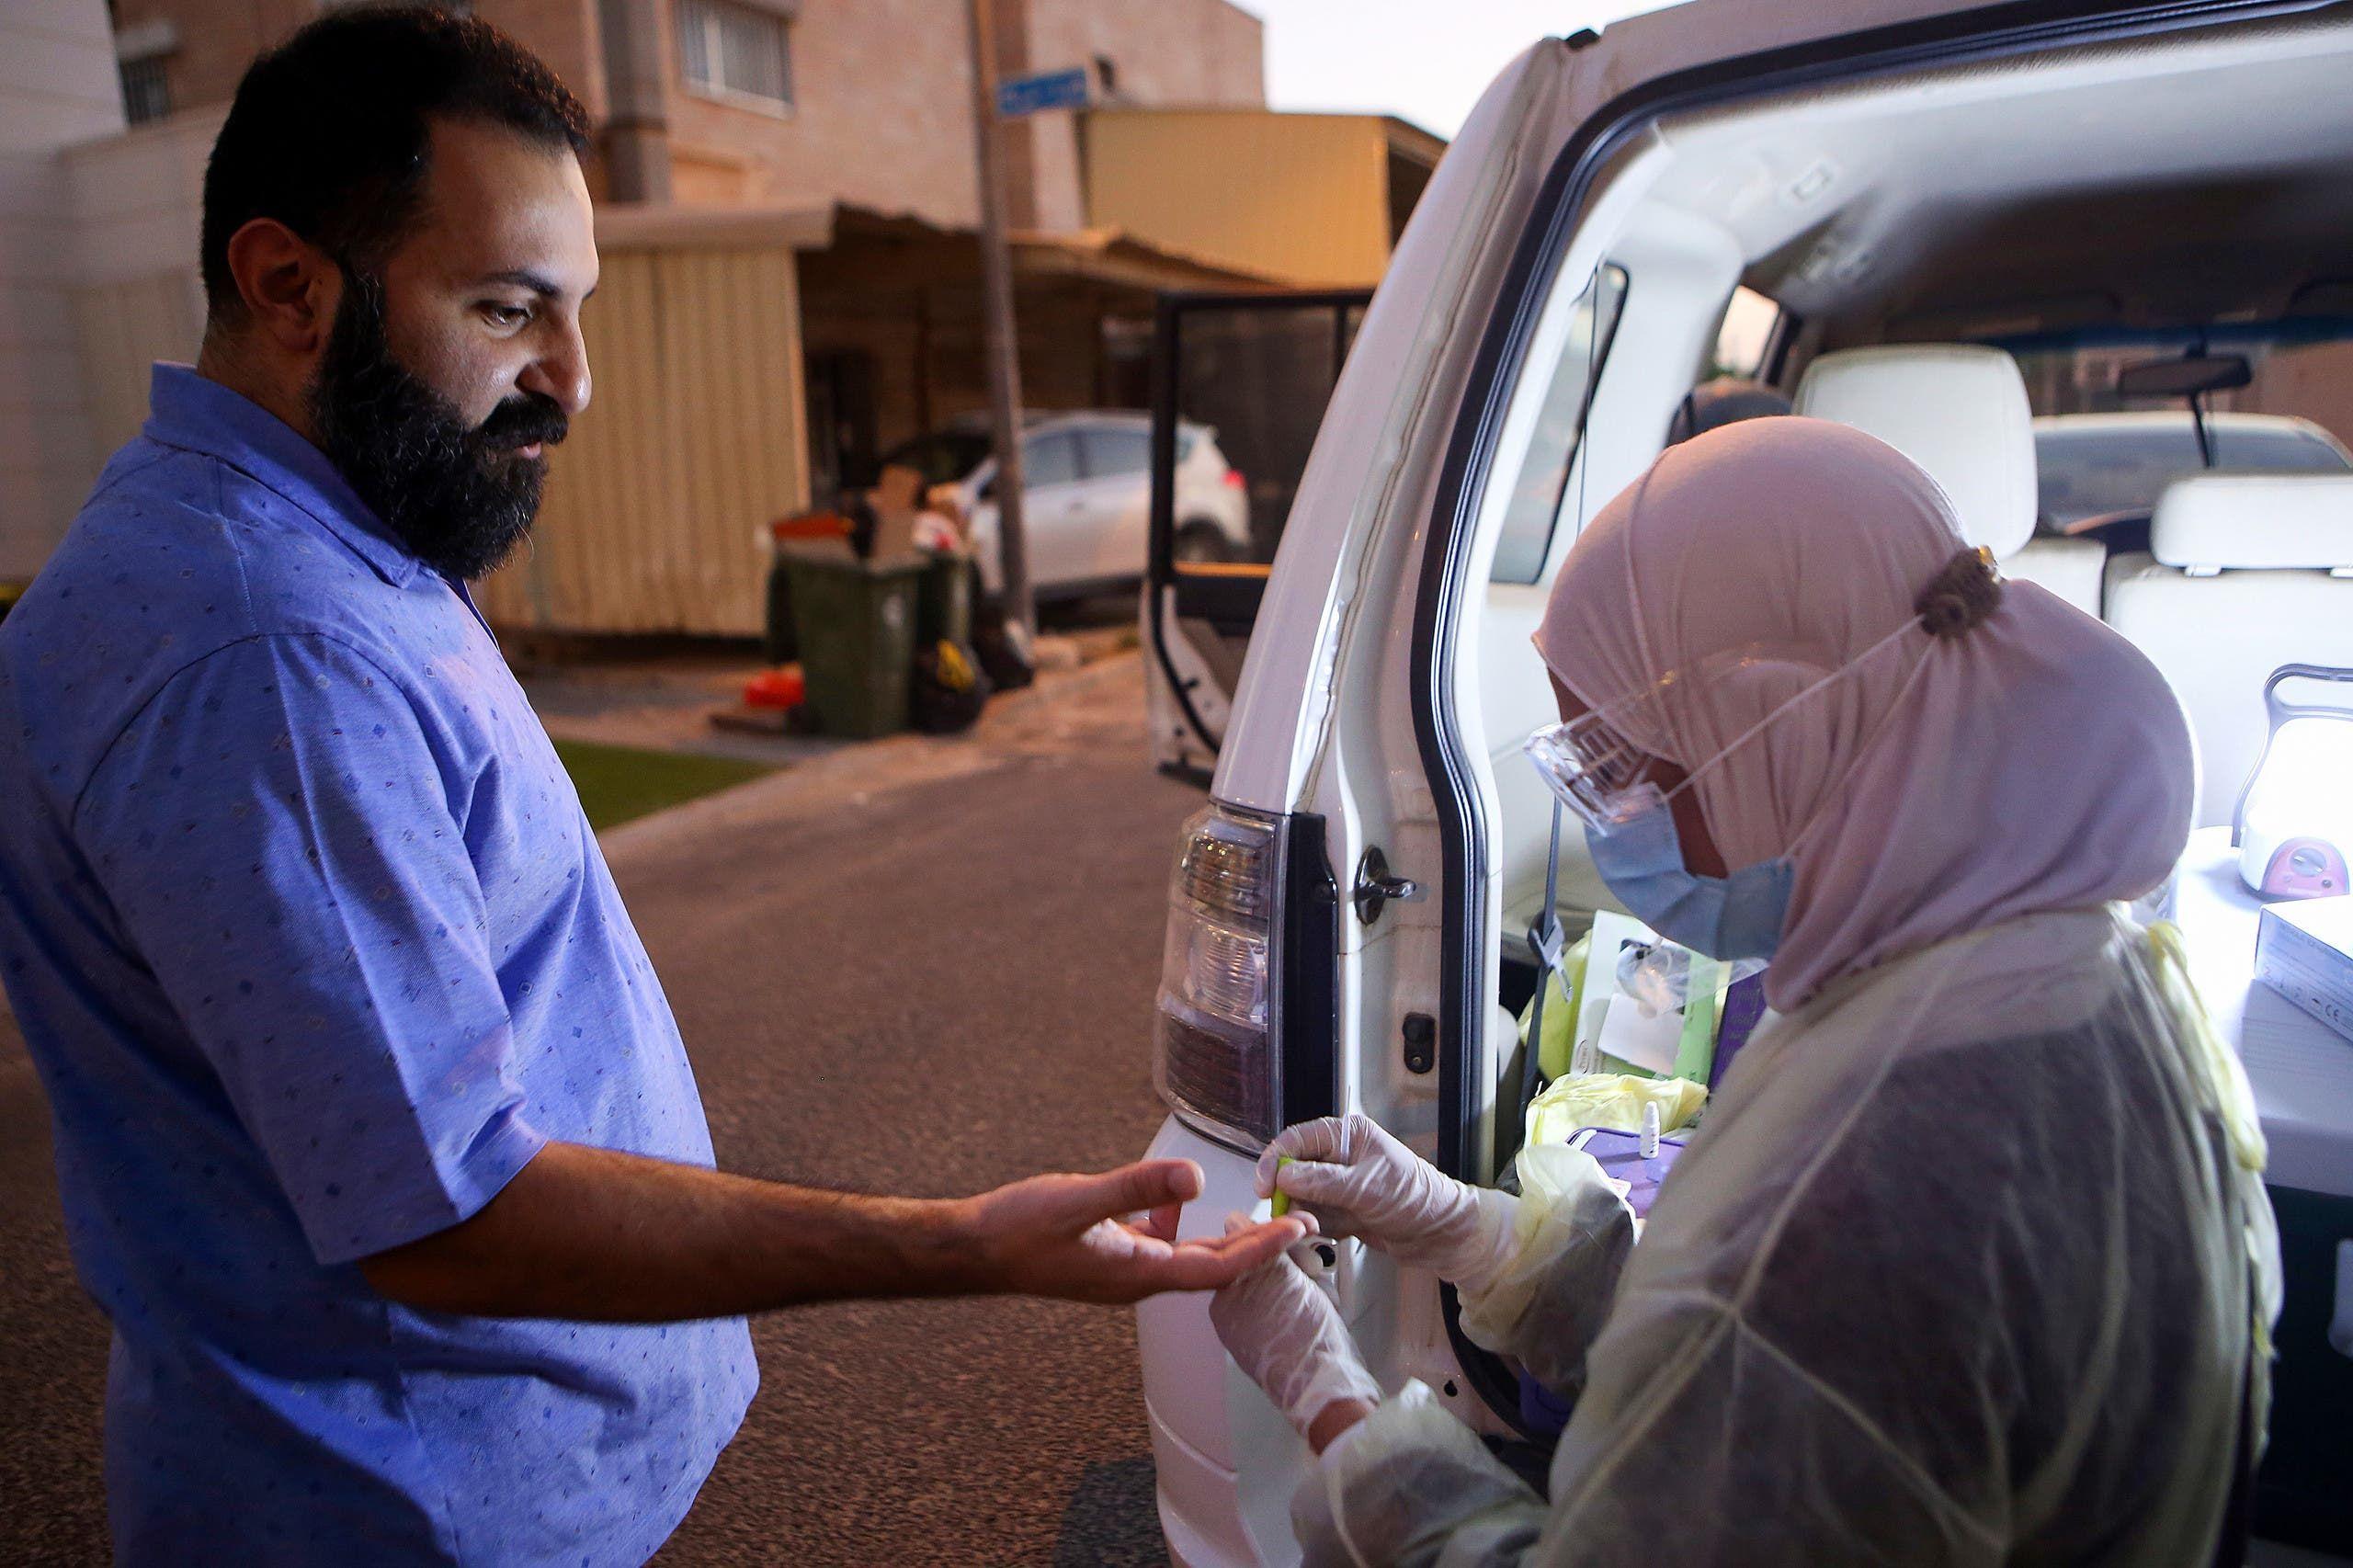 وزارة الصحة الكويتية تجري اختبارات عشوائية لسكان العاصمة لكشف الإصابات بكورونا